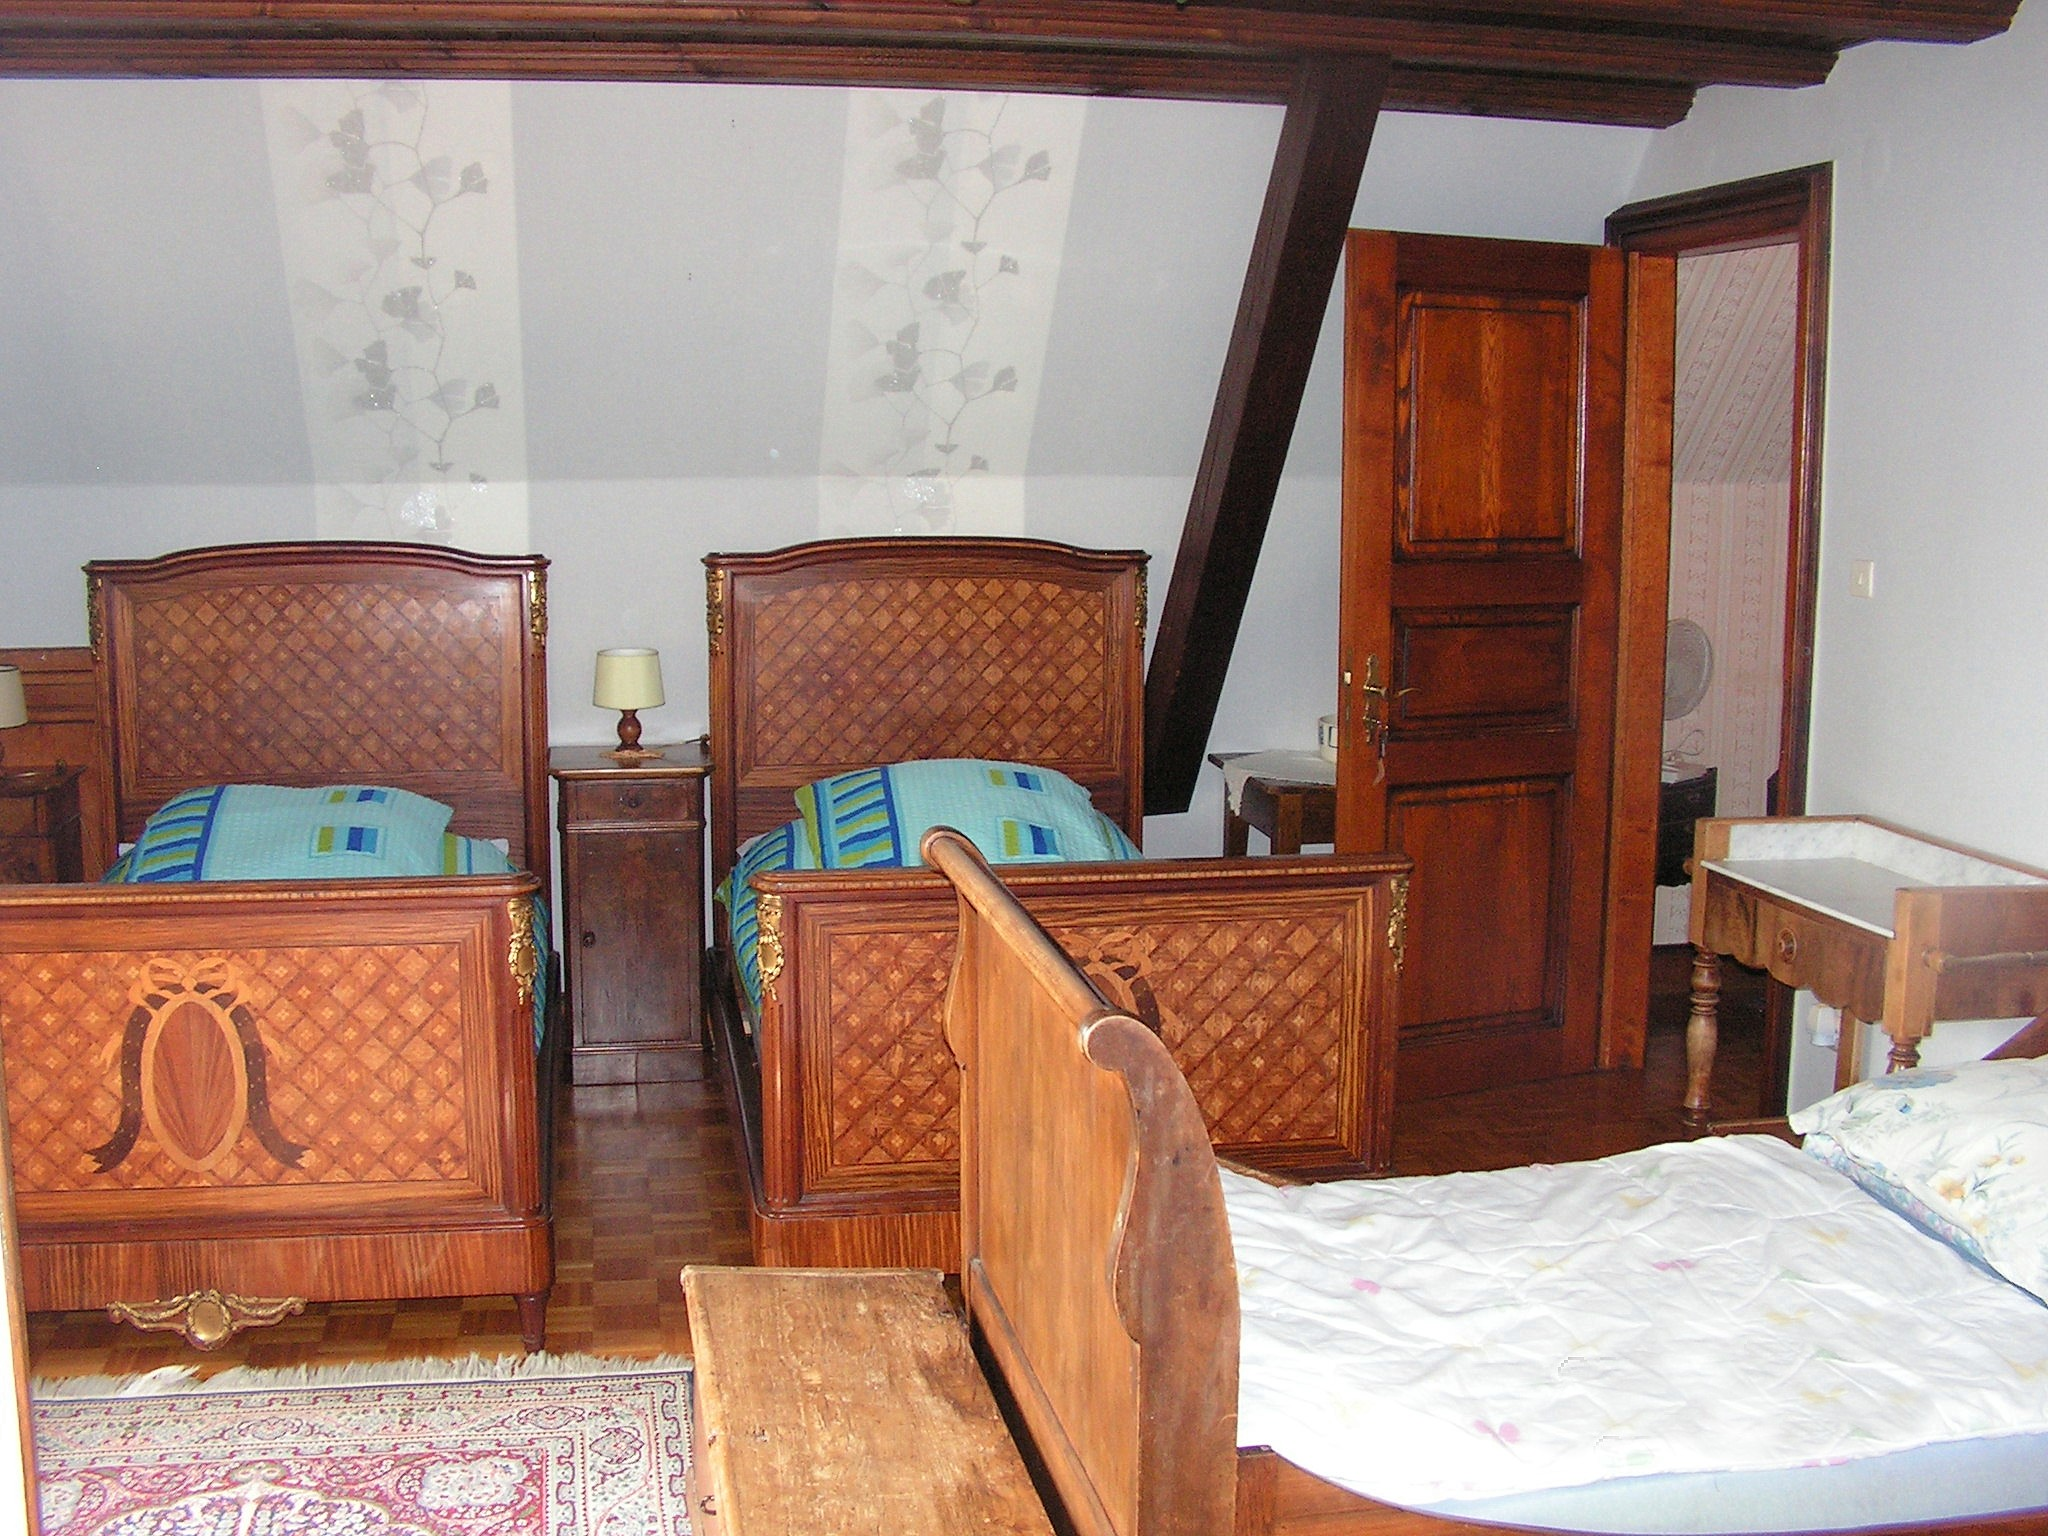 Maison d h´tes de Mme BRUPPACHER Fran§oise Beblenheim Dpt 68